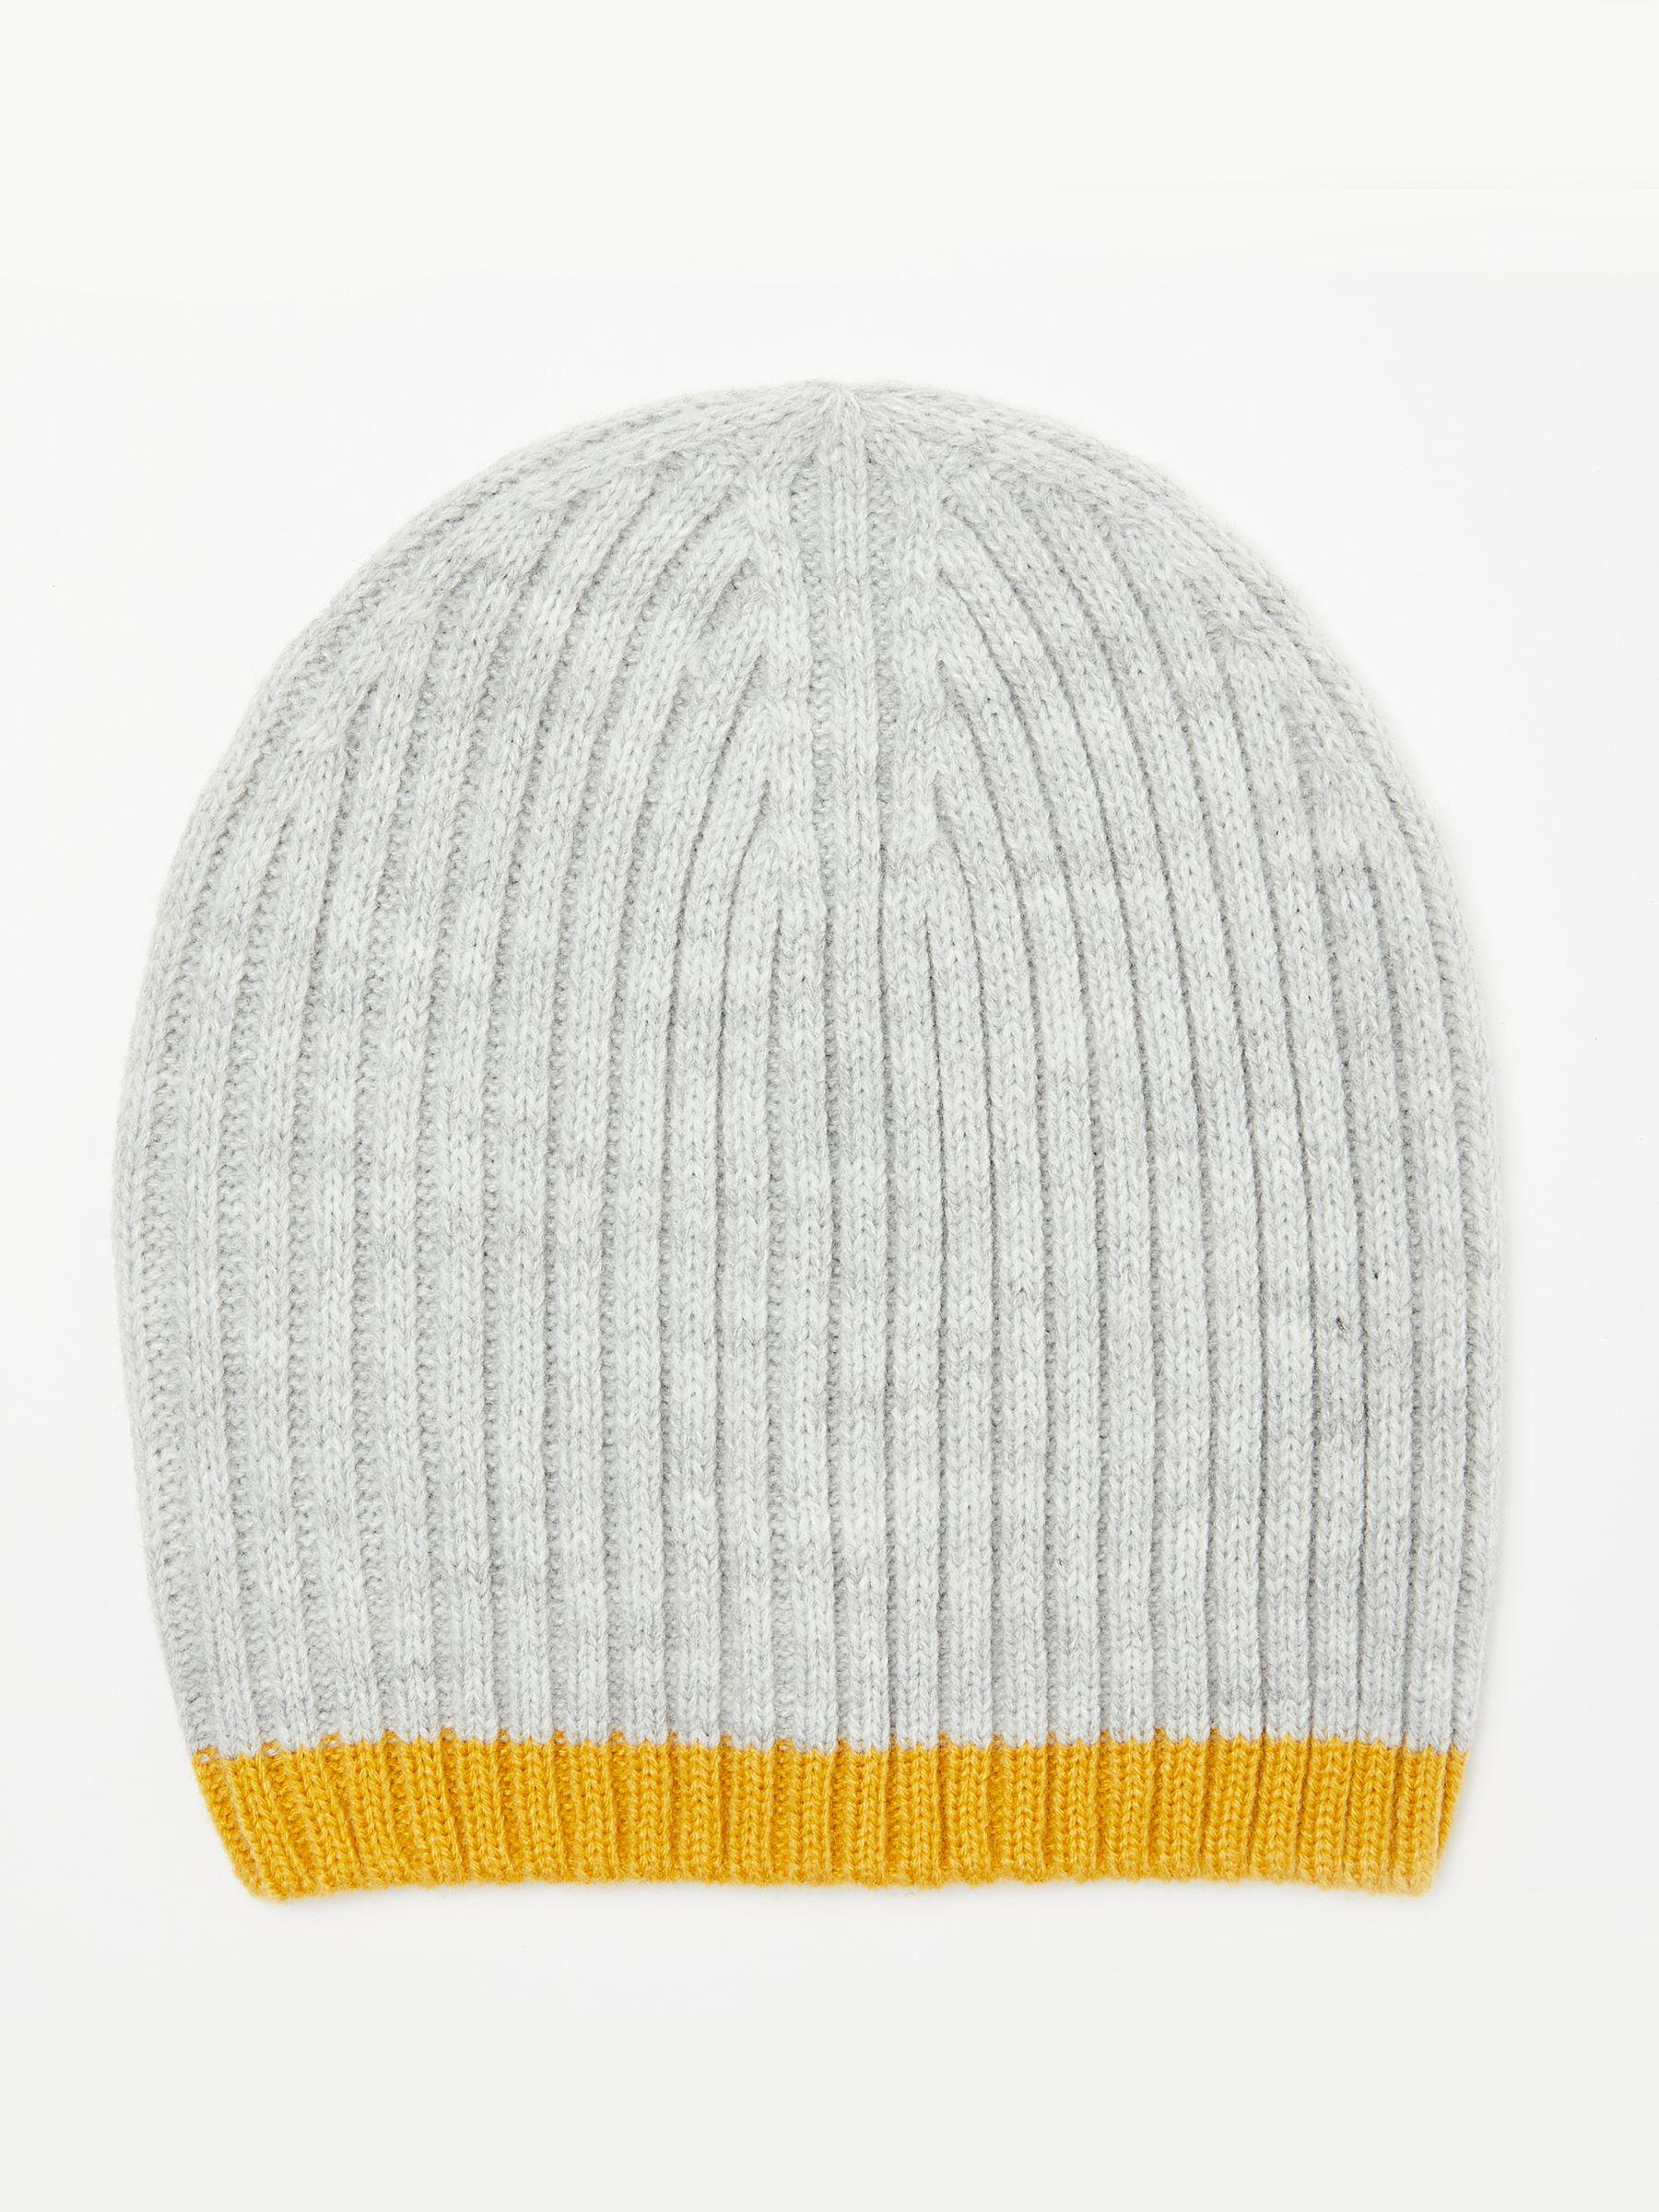 00240a6cbb3 John Lewis - Gray Tipped Beanie Hat - Lyst. View fullscreen